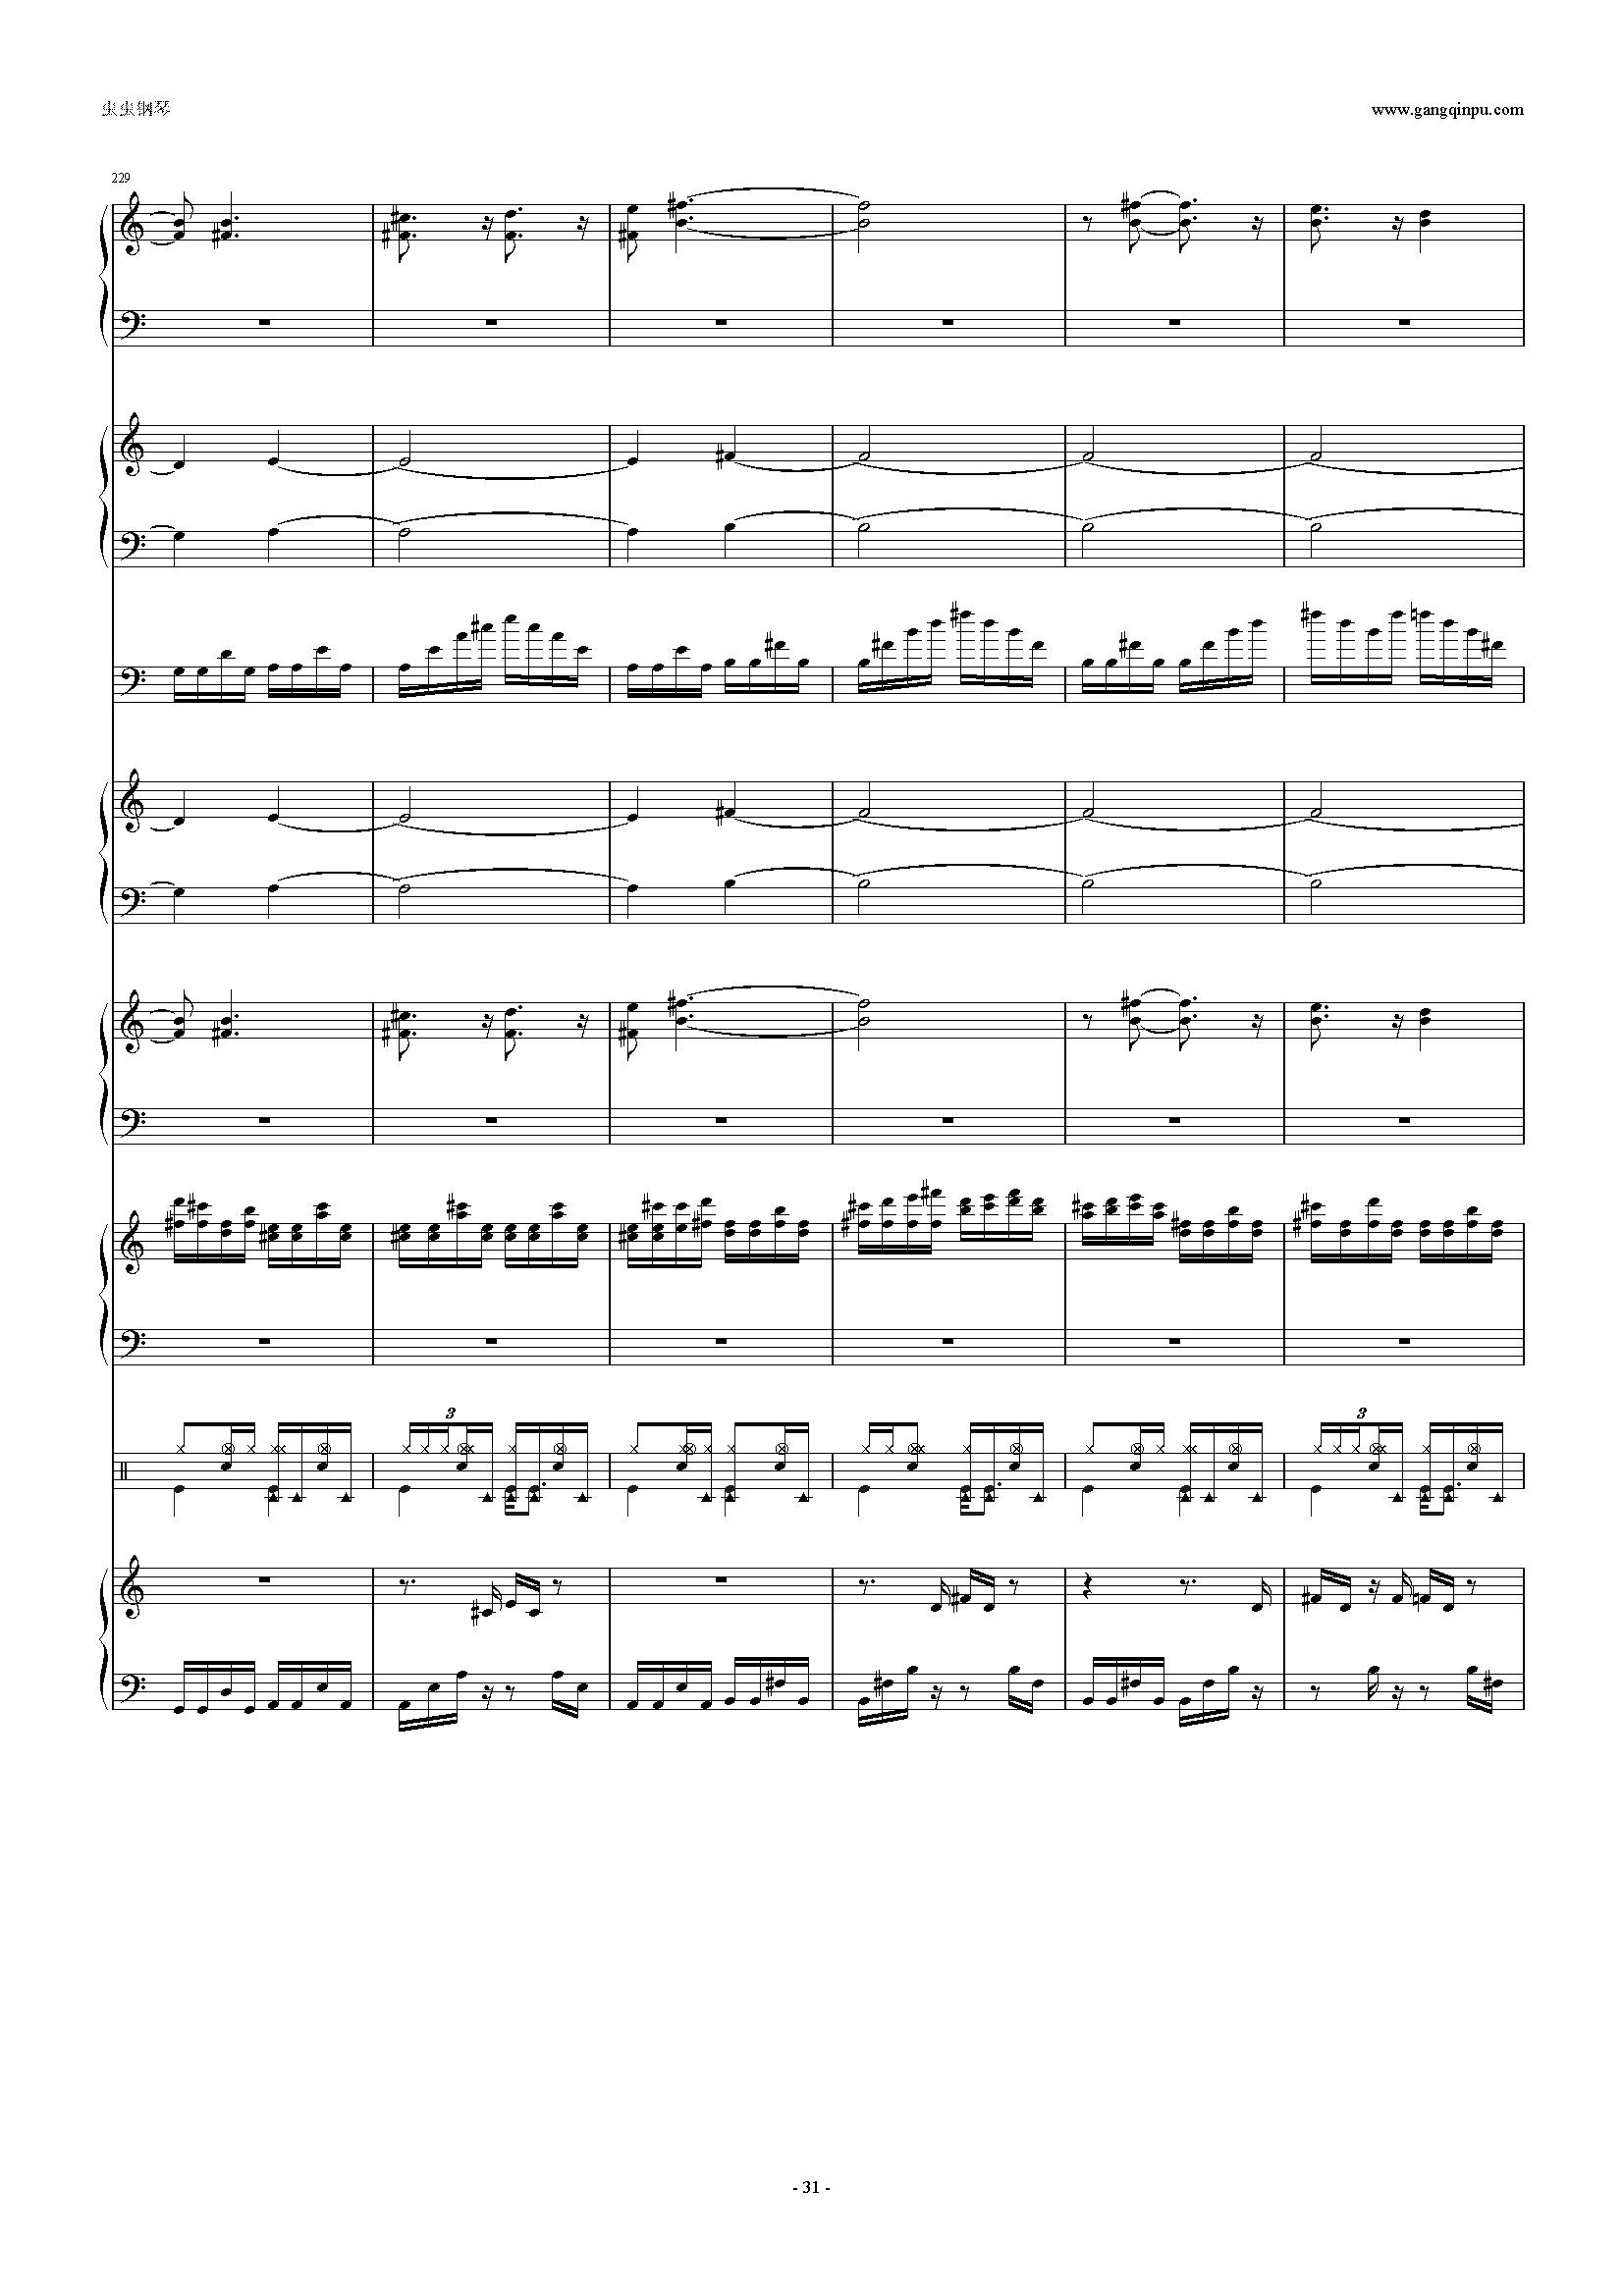 少女幻葬钢琴谱 第31页